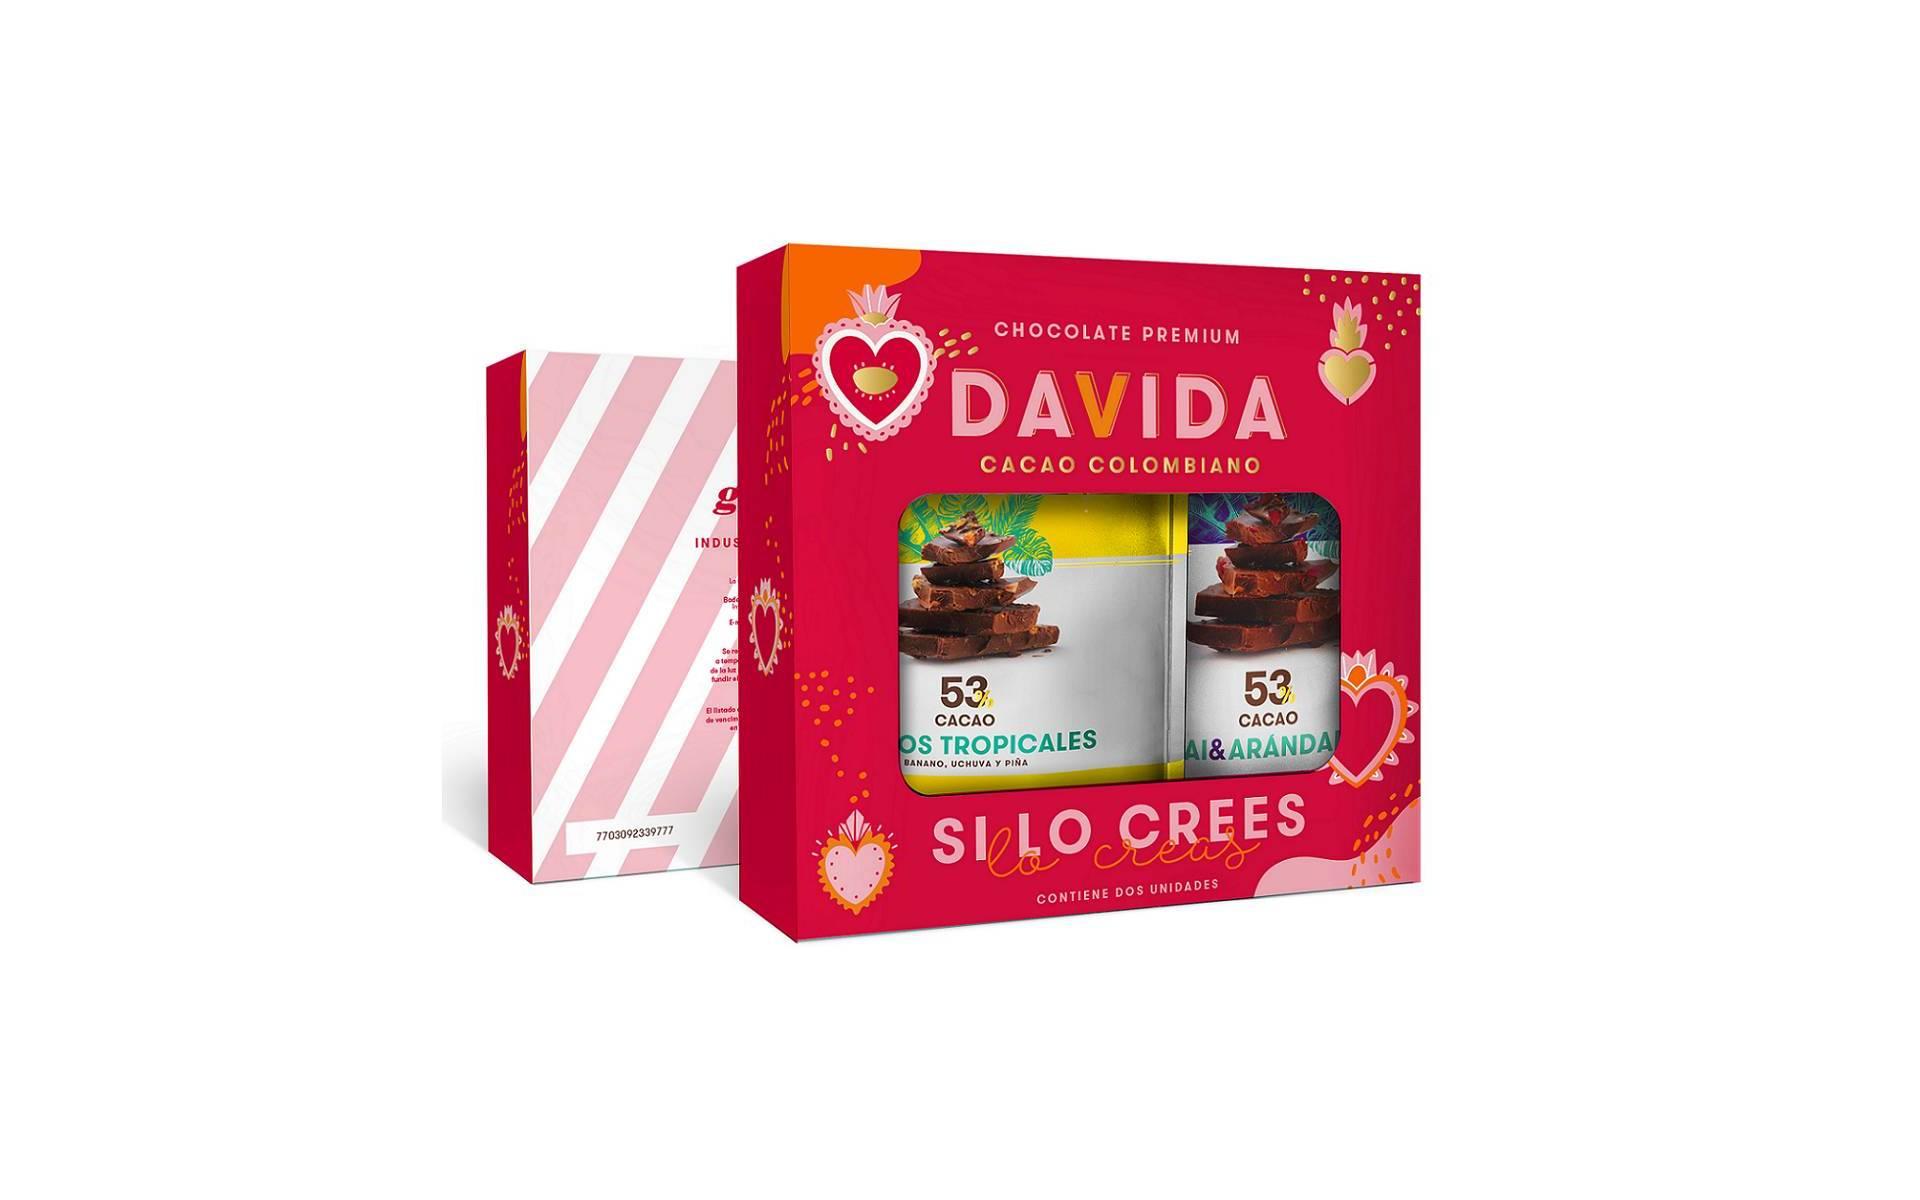 Caja Tipo Maletín x 2 Trozos Edición Especial DAVIDA